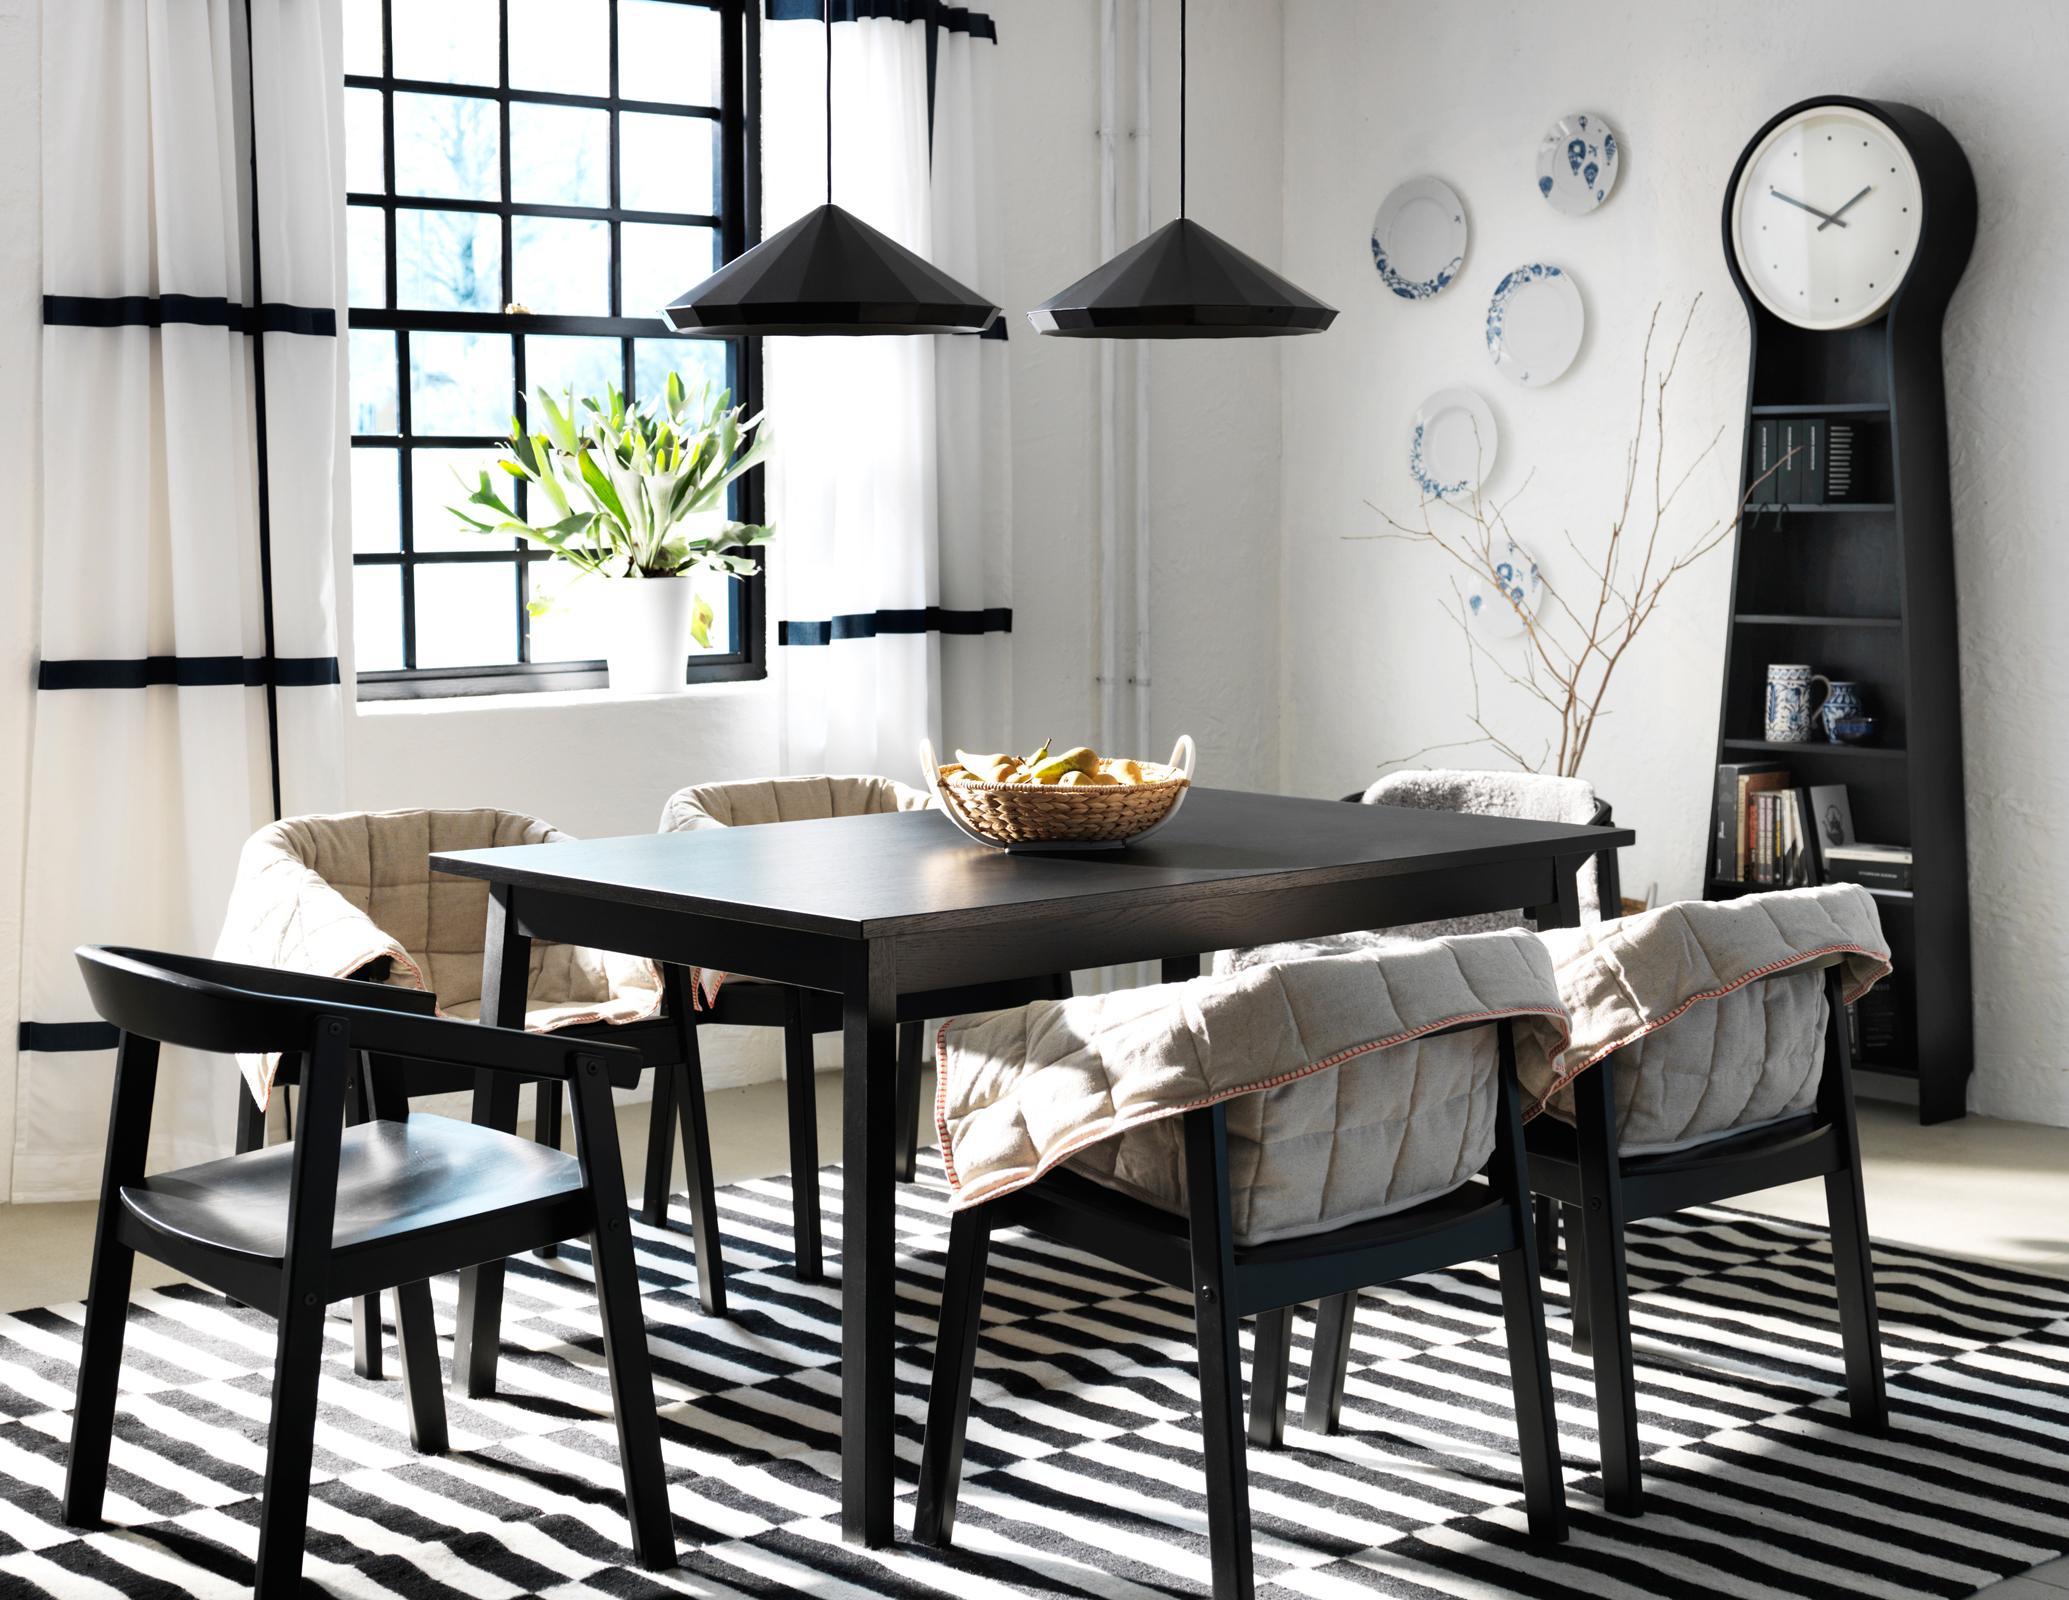 Schwarz Weiße Einrichtung Im Esszimmer #teppich #esstisch #ikea  #hängeleuchte #wandteller